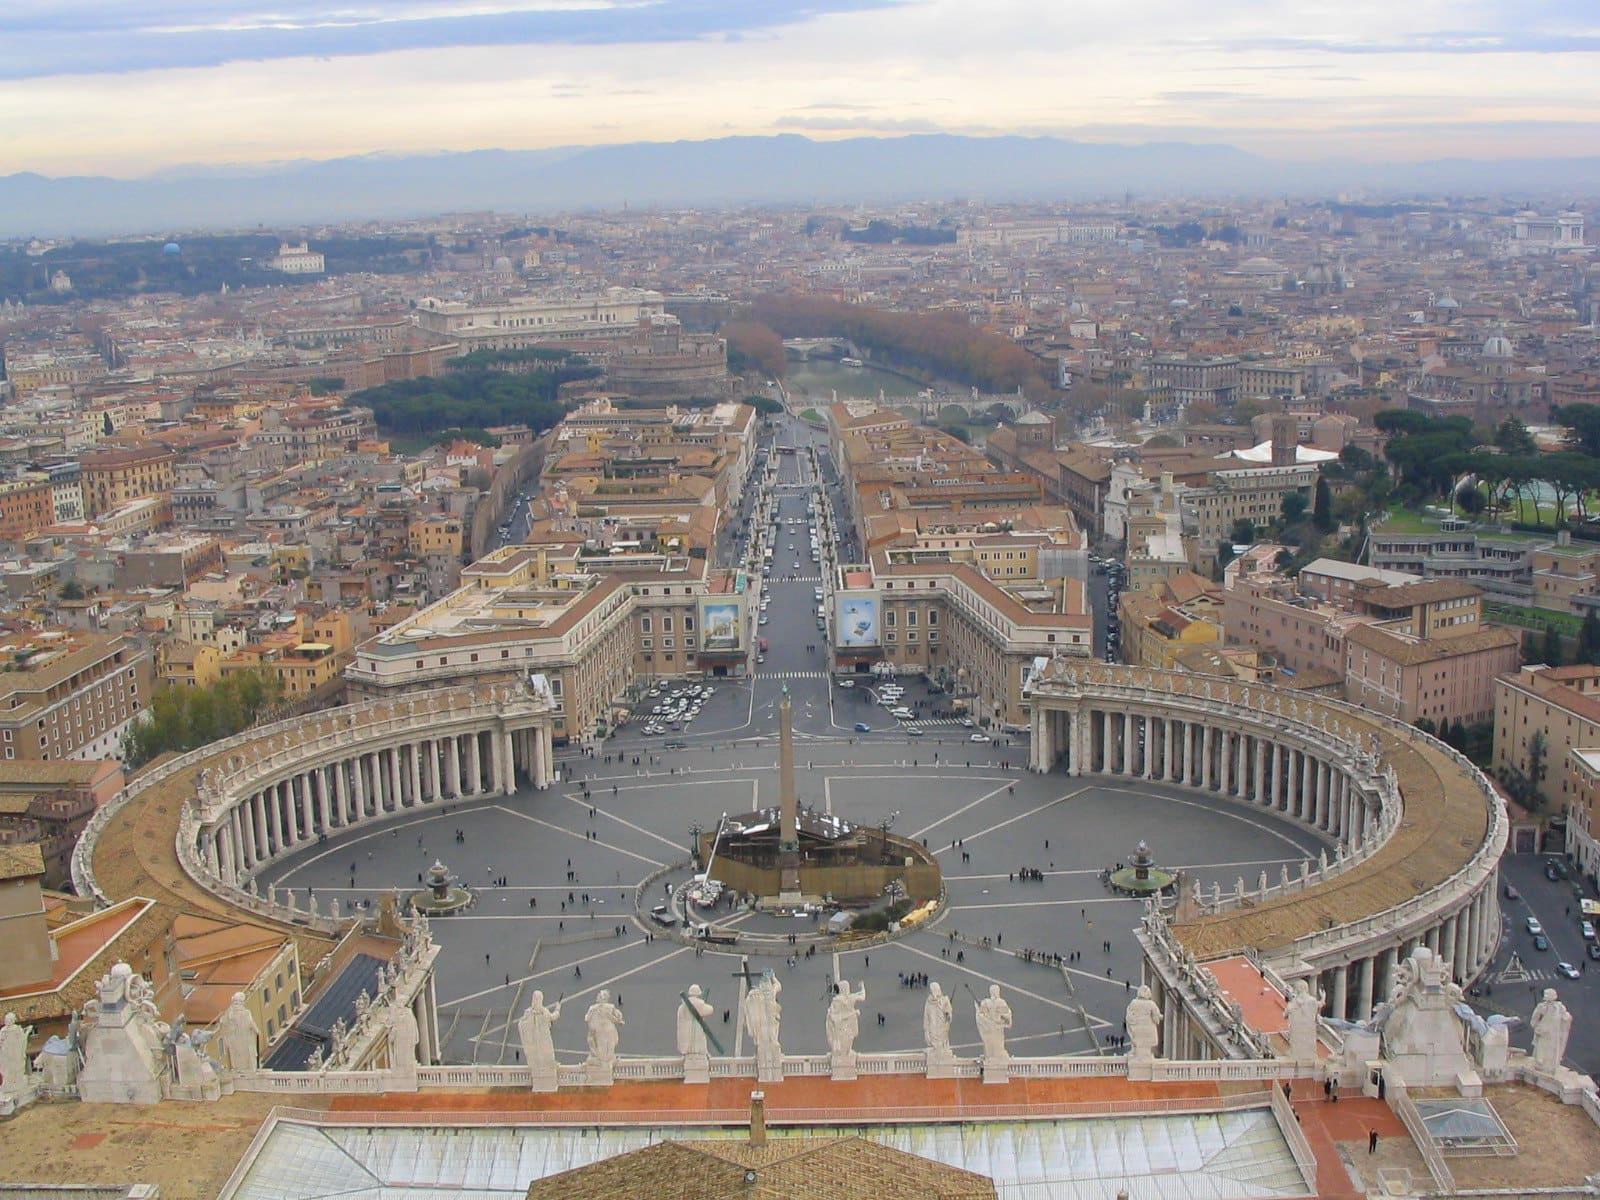 cose principali da vedere a Roma - città del vaticano